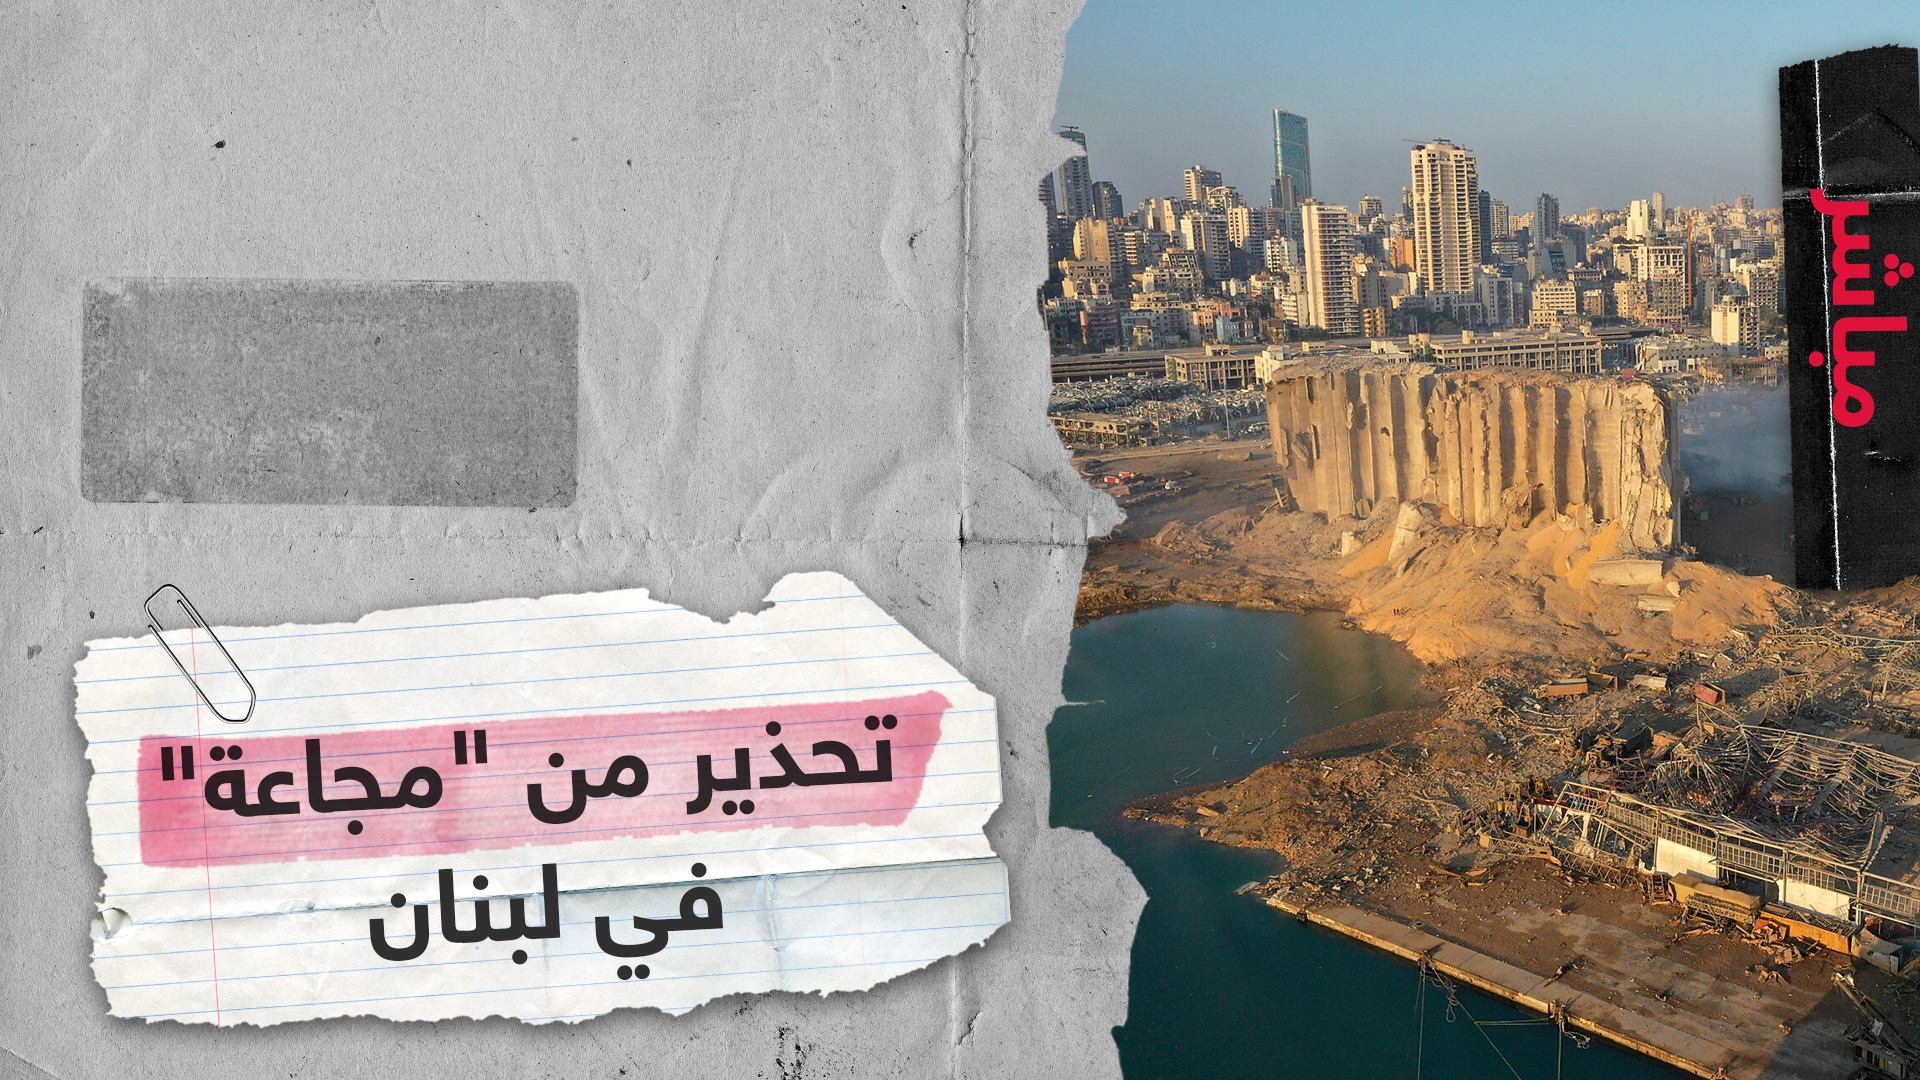 تحذيرات أممية من مجاعة في لبنان.. والرئيس عون يدعو إلى